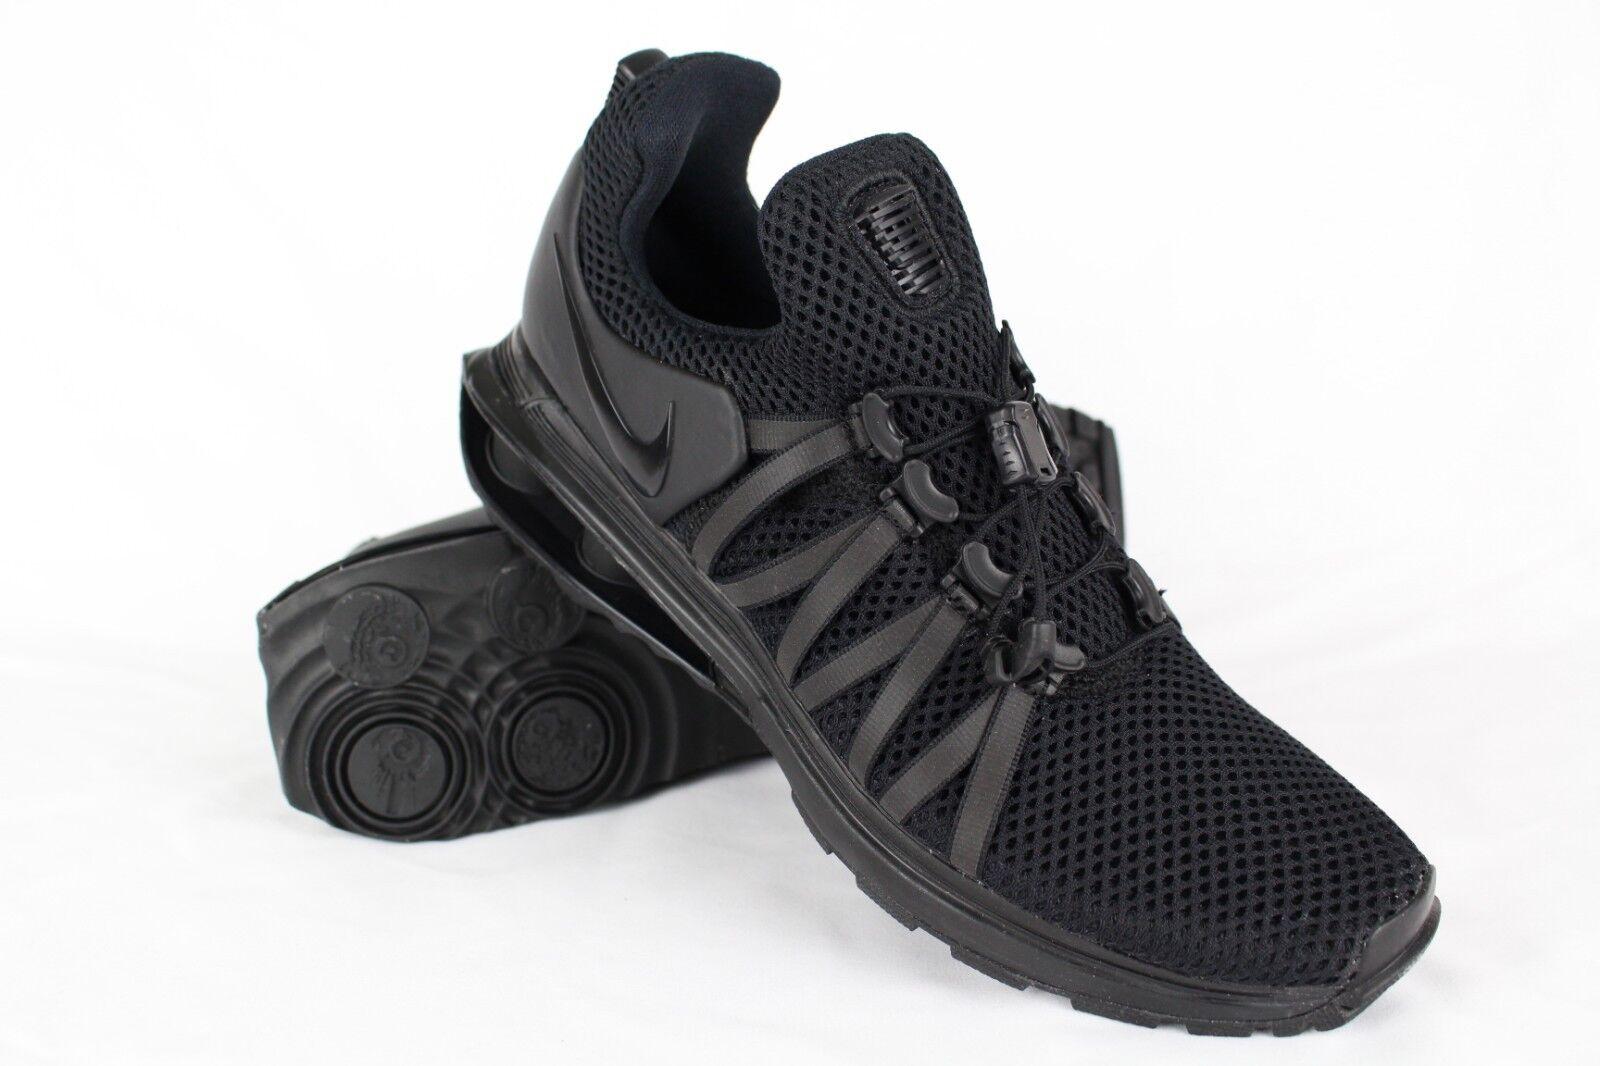 New Nike Women's Shox Gravity Running Training 7.5, 8, 8.5, 10, Black AQ8554 001